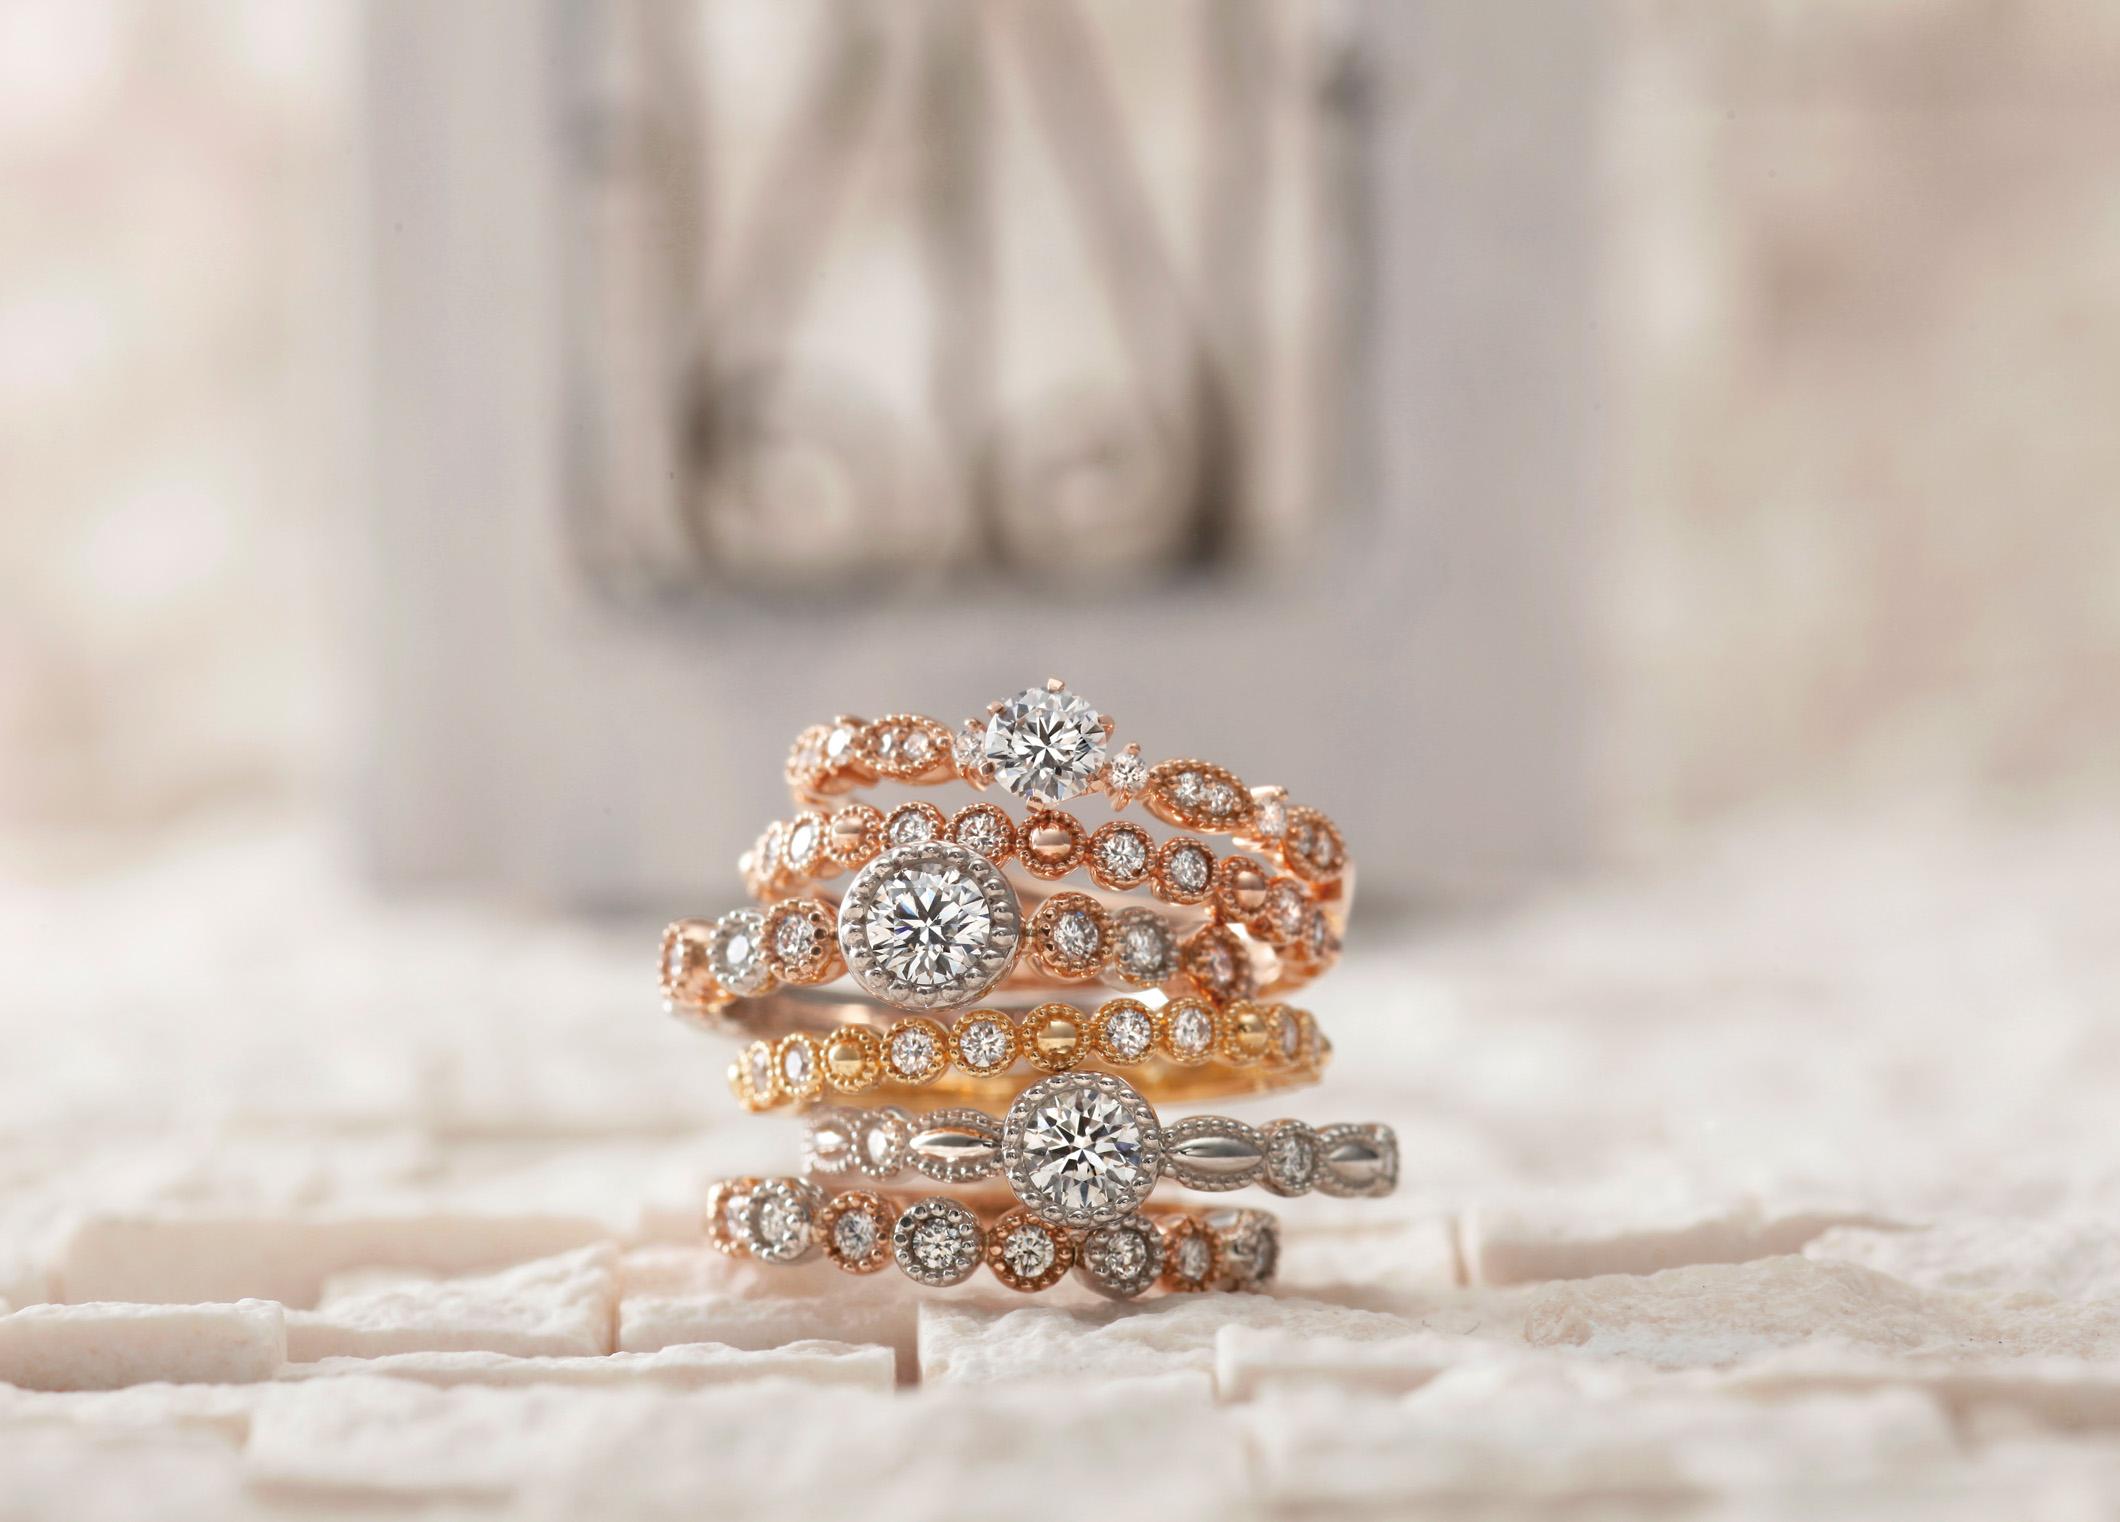 静岡市で見つけるアンティークな結婚指輪♡ゴールドの結婚指輪で友達と差をつけよう!